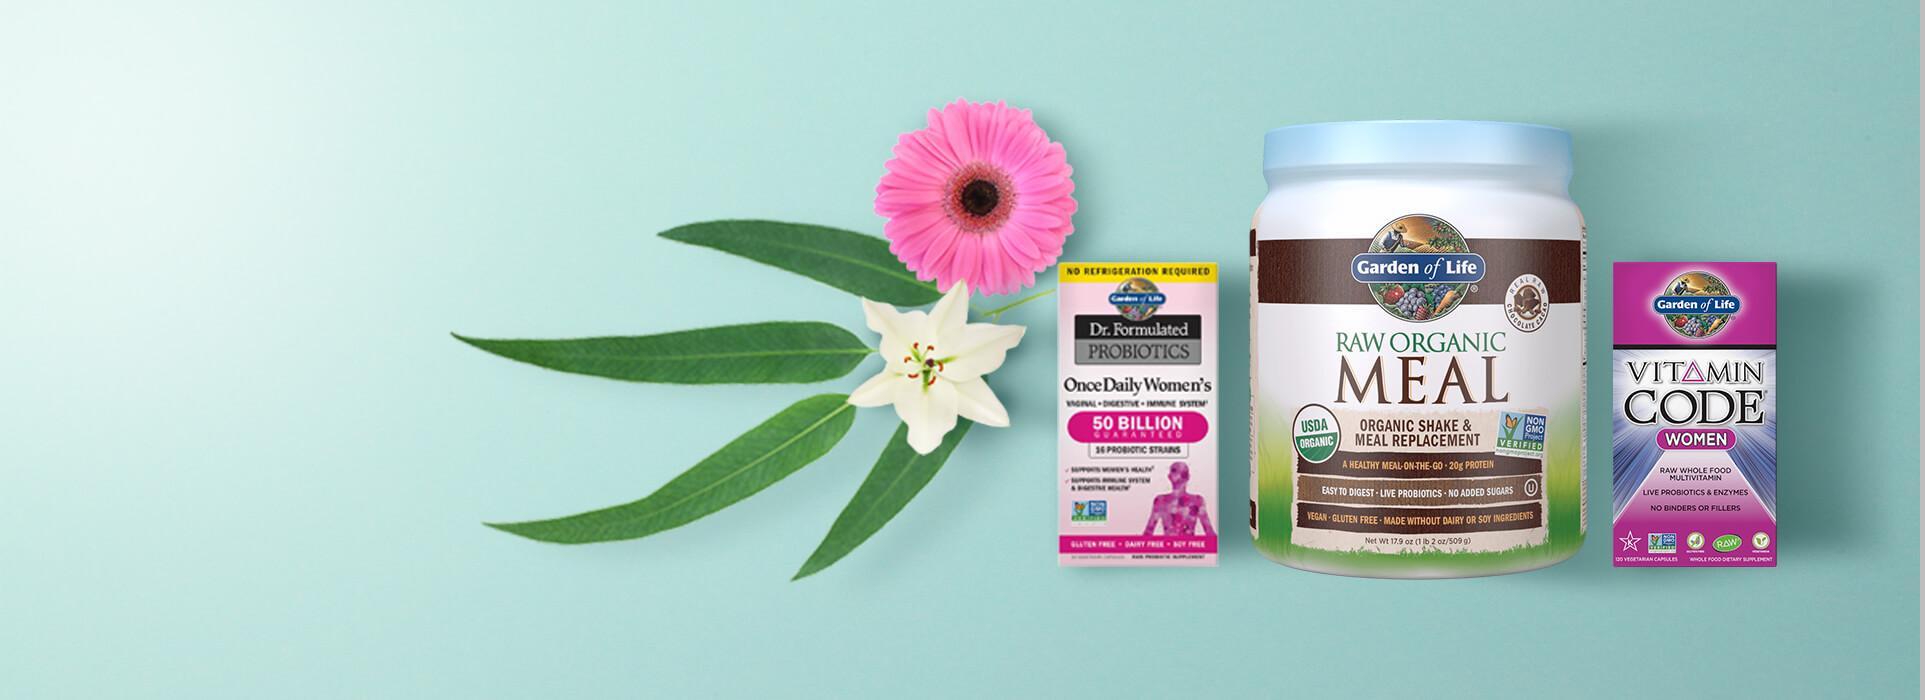 Créez votre propre Pack pour Femmes. Offre exclusive pour la fête des mères - Achetez 2, Économisez 20% .